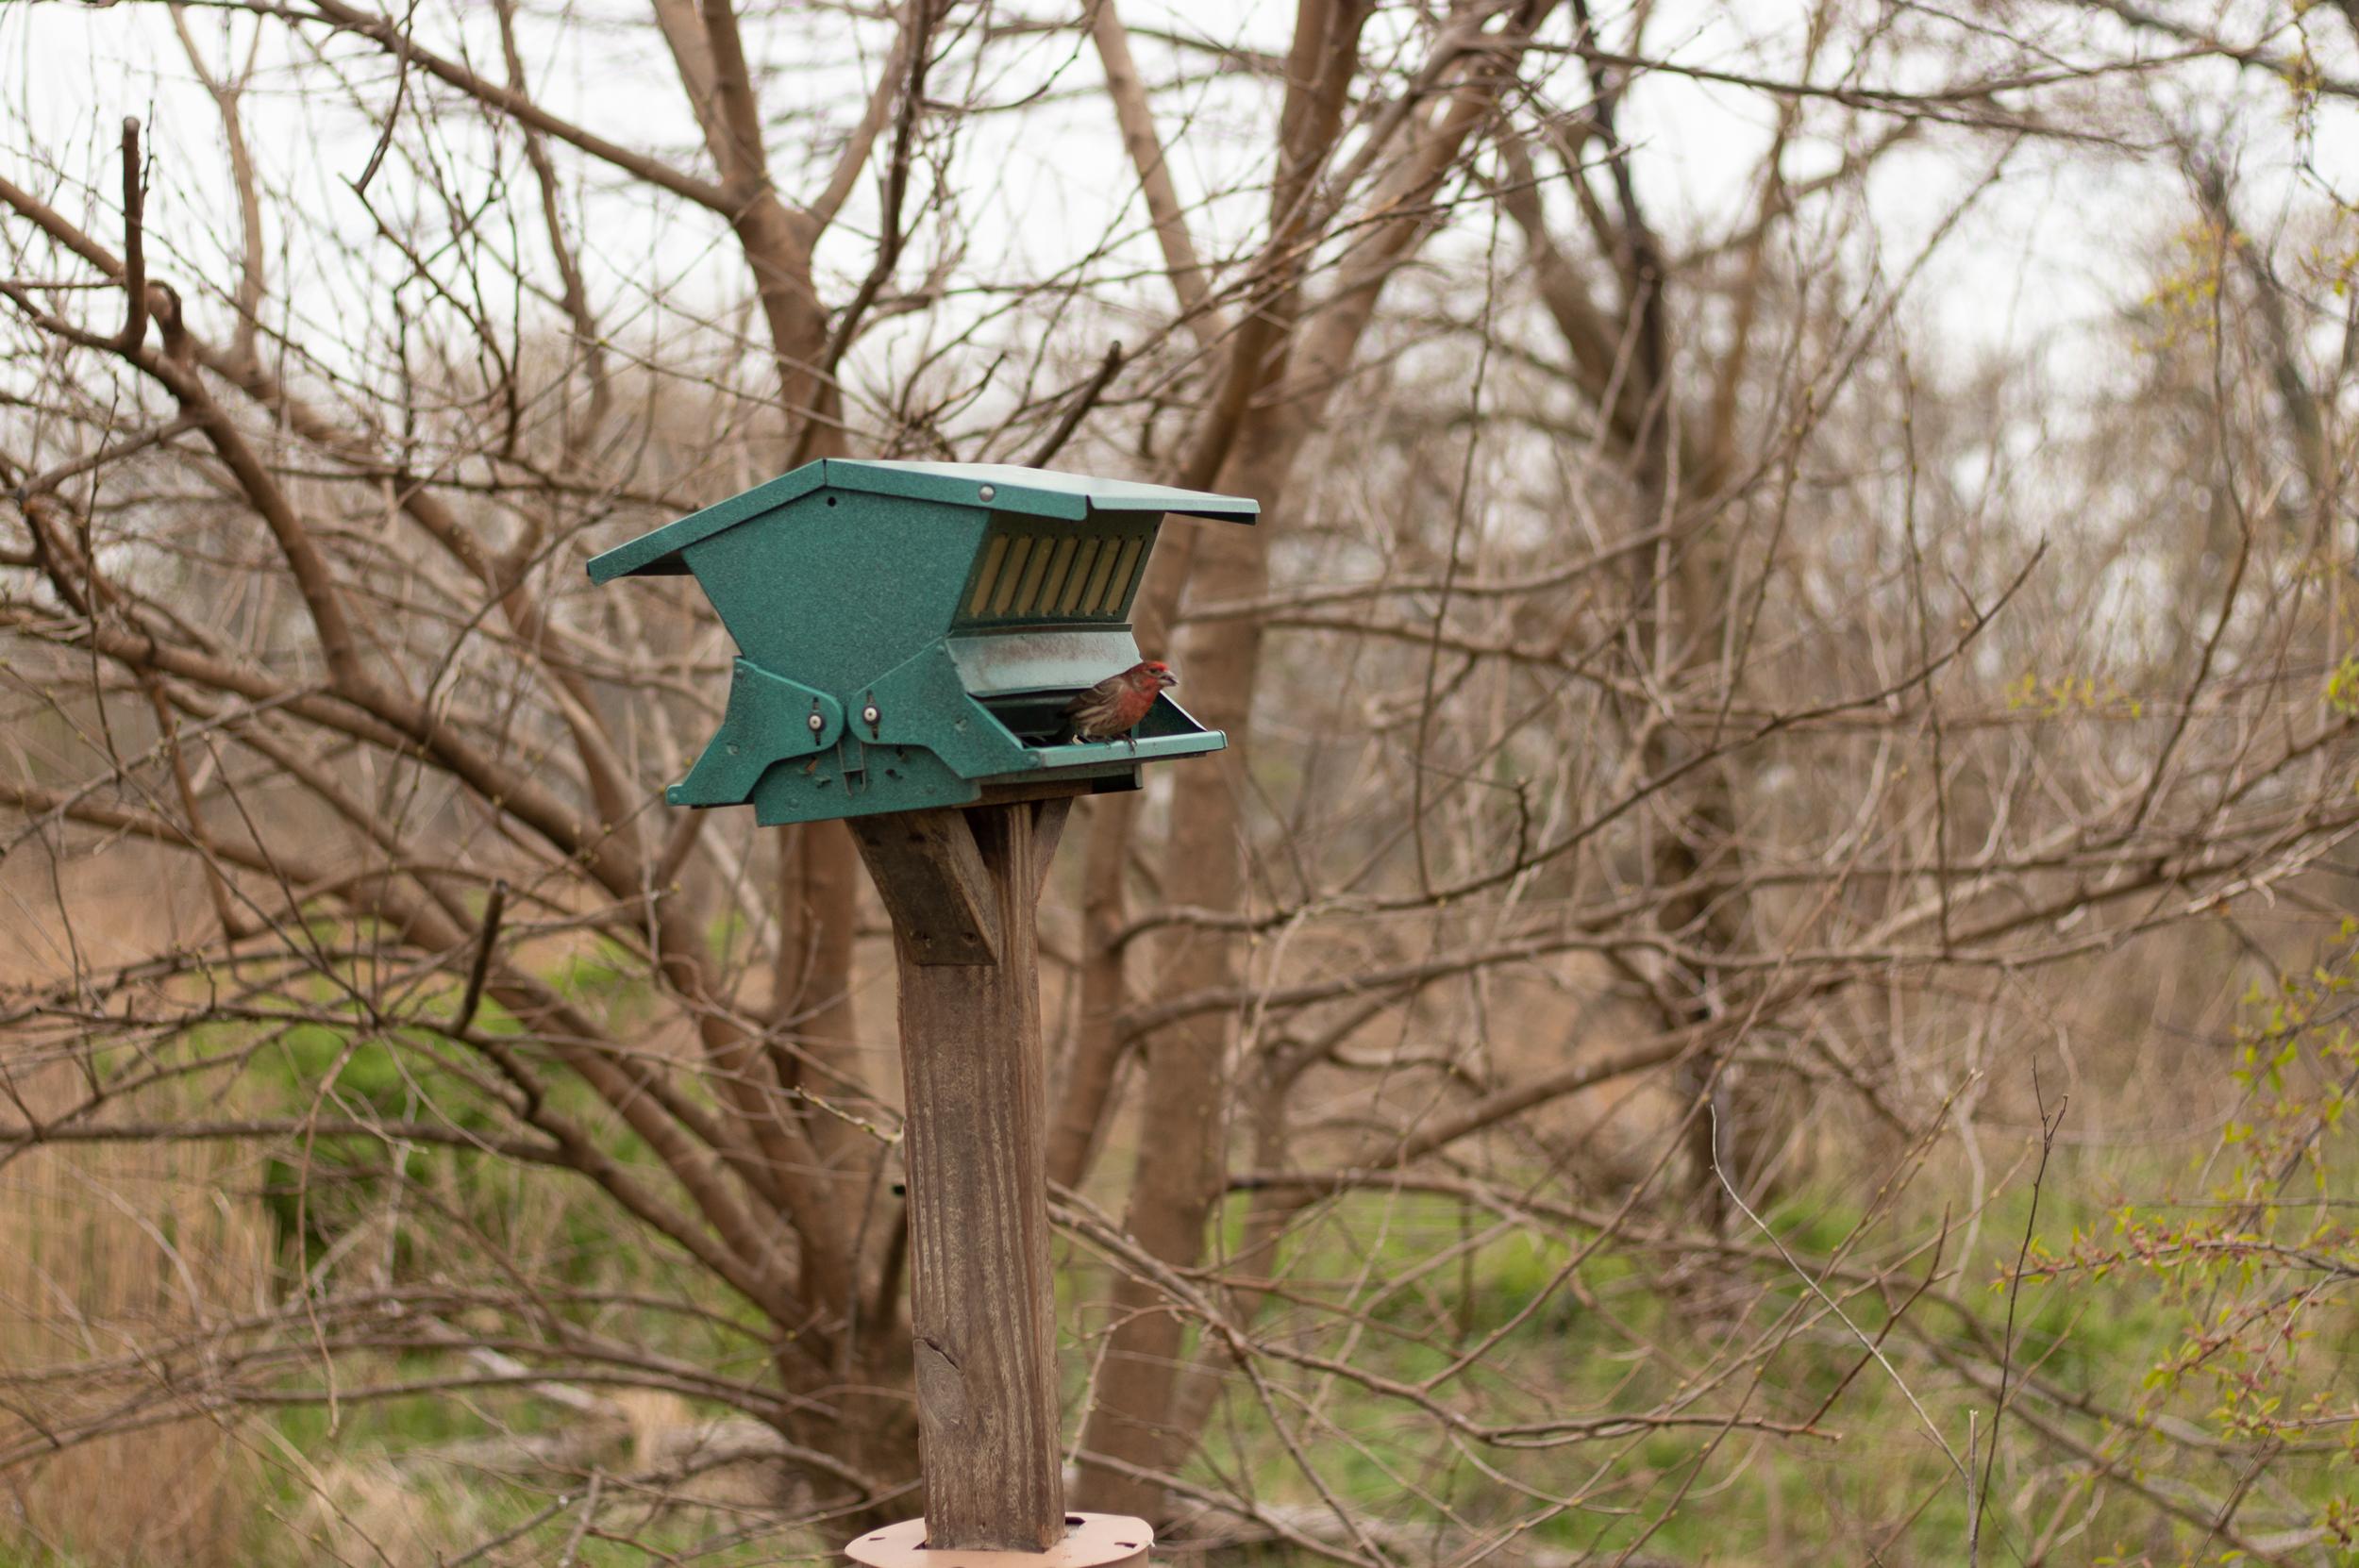 A bird visits a feeder.